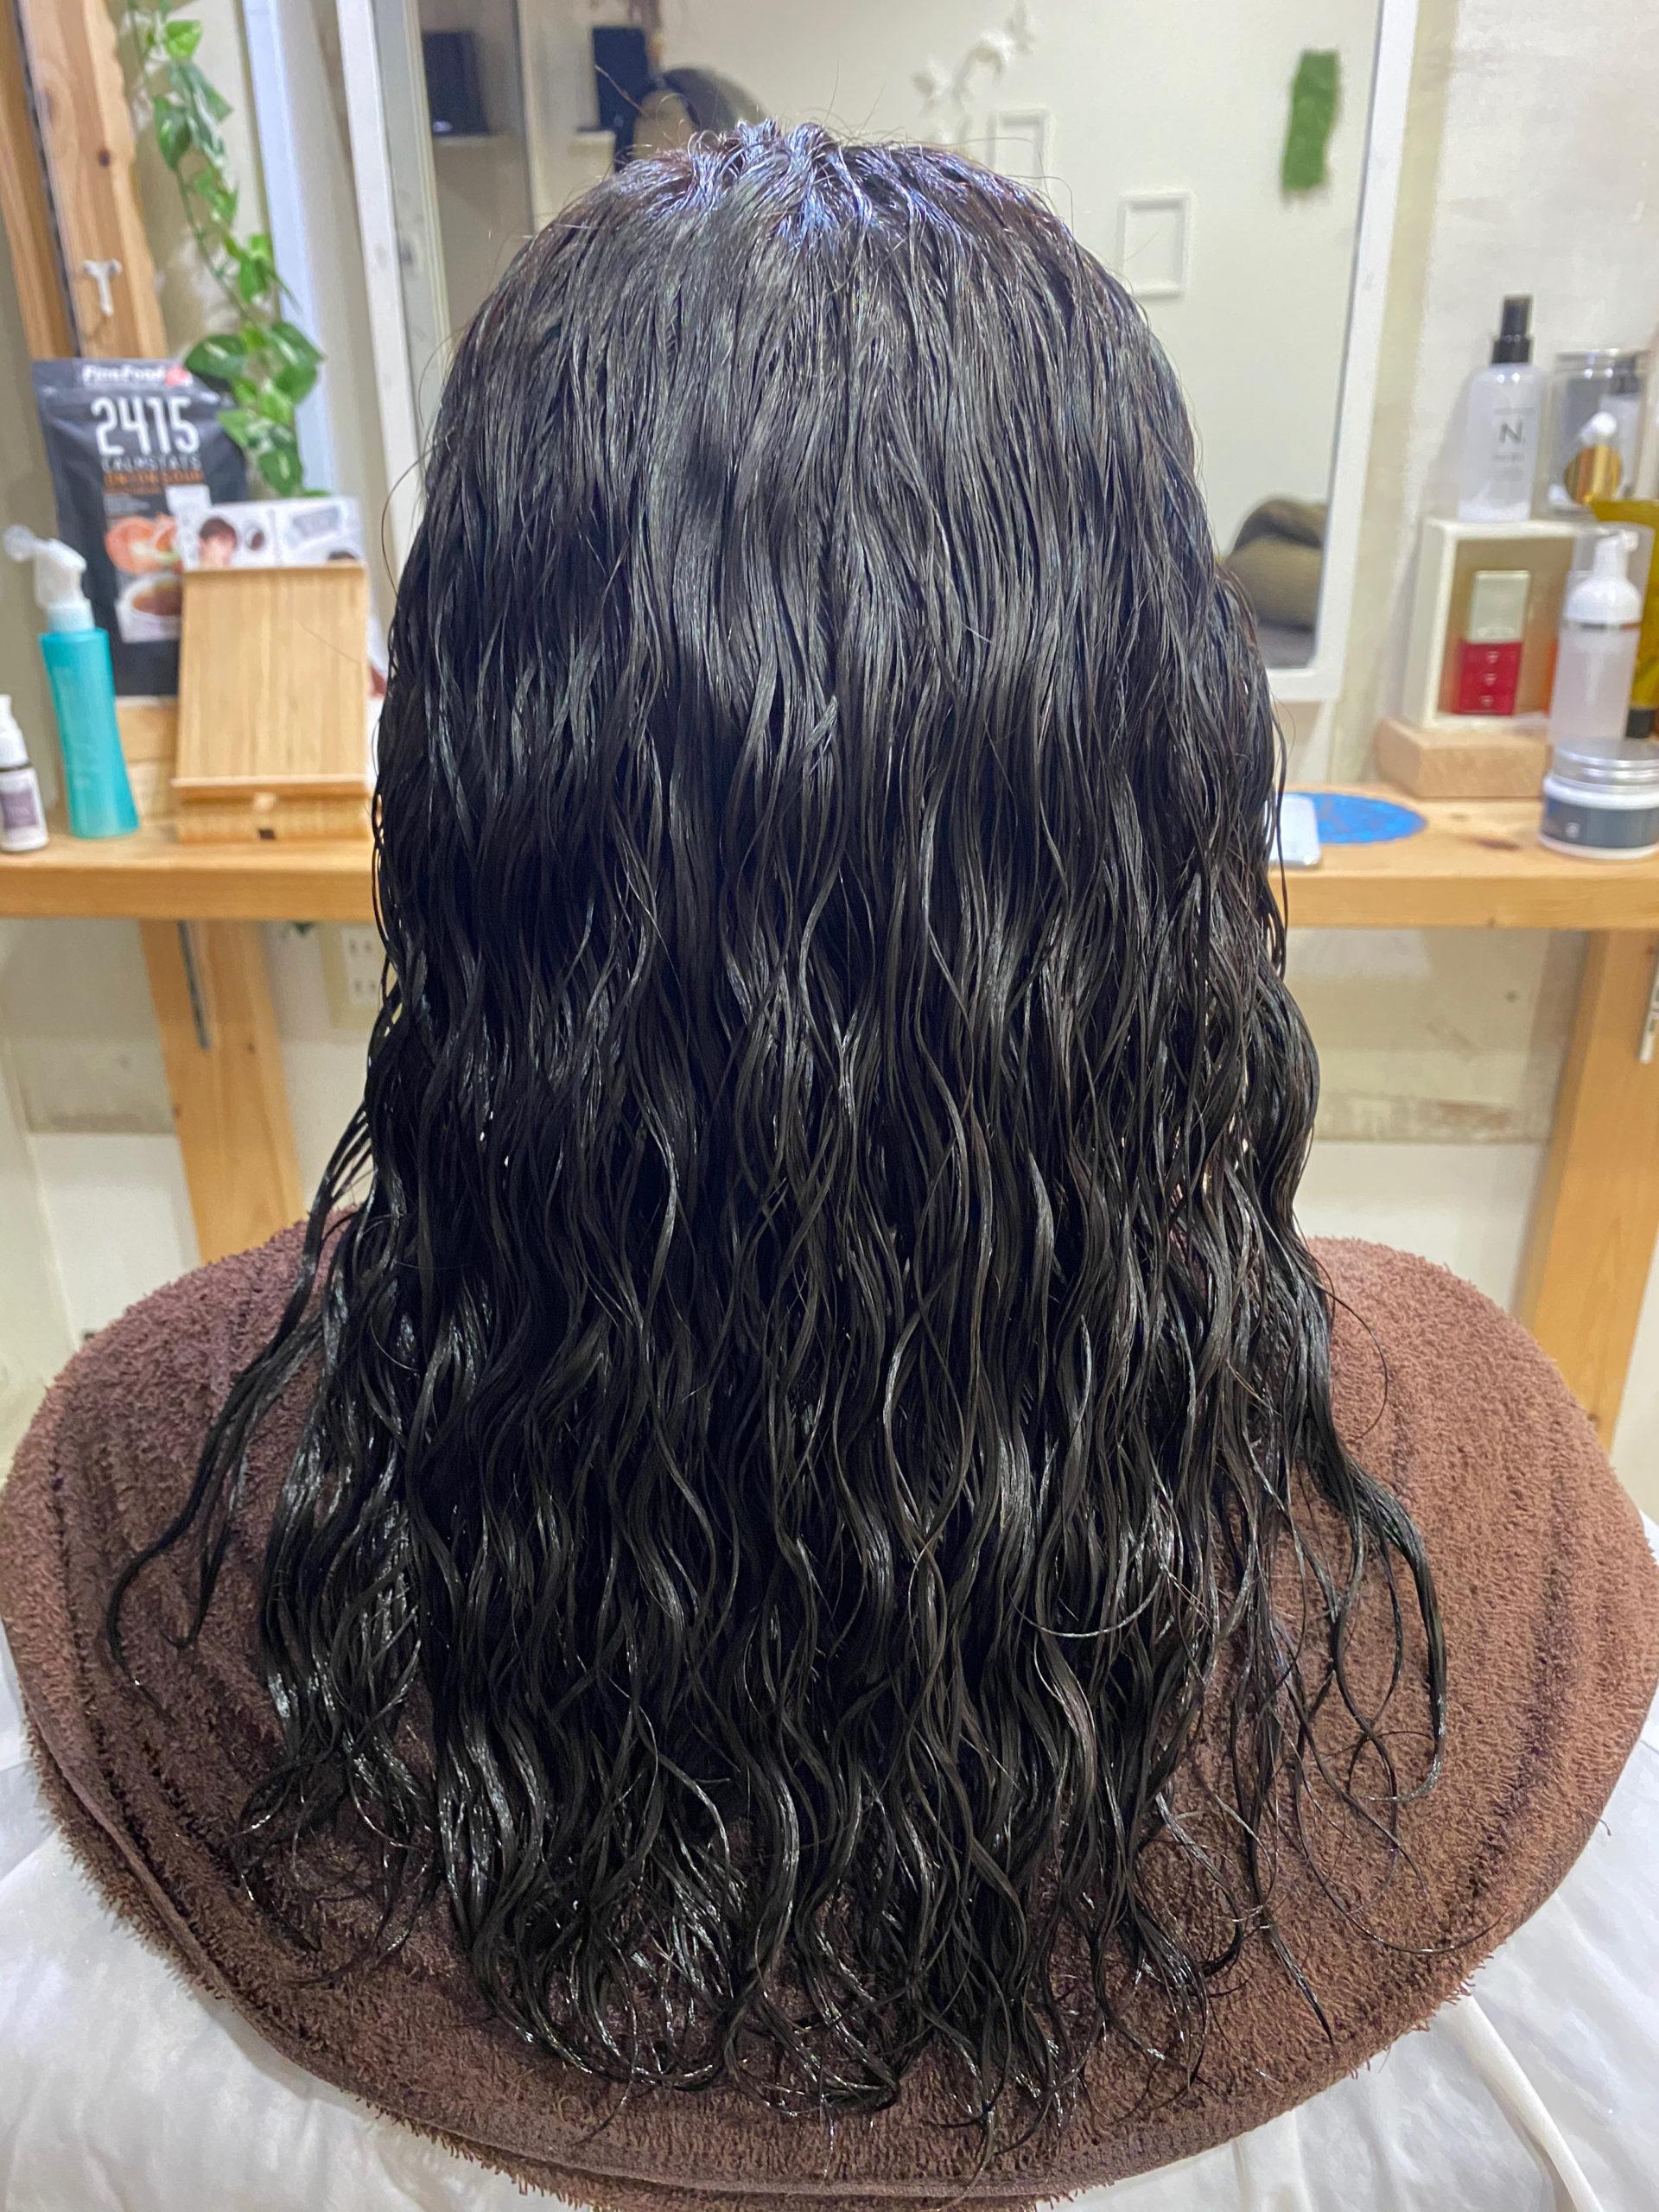 スパイラルパーマのかかった髪を【ビビリ矯正】で艶髪。原宿・表参道『髪のお悩みを解決するヘアケア美容師の挑戦』